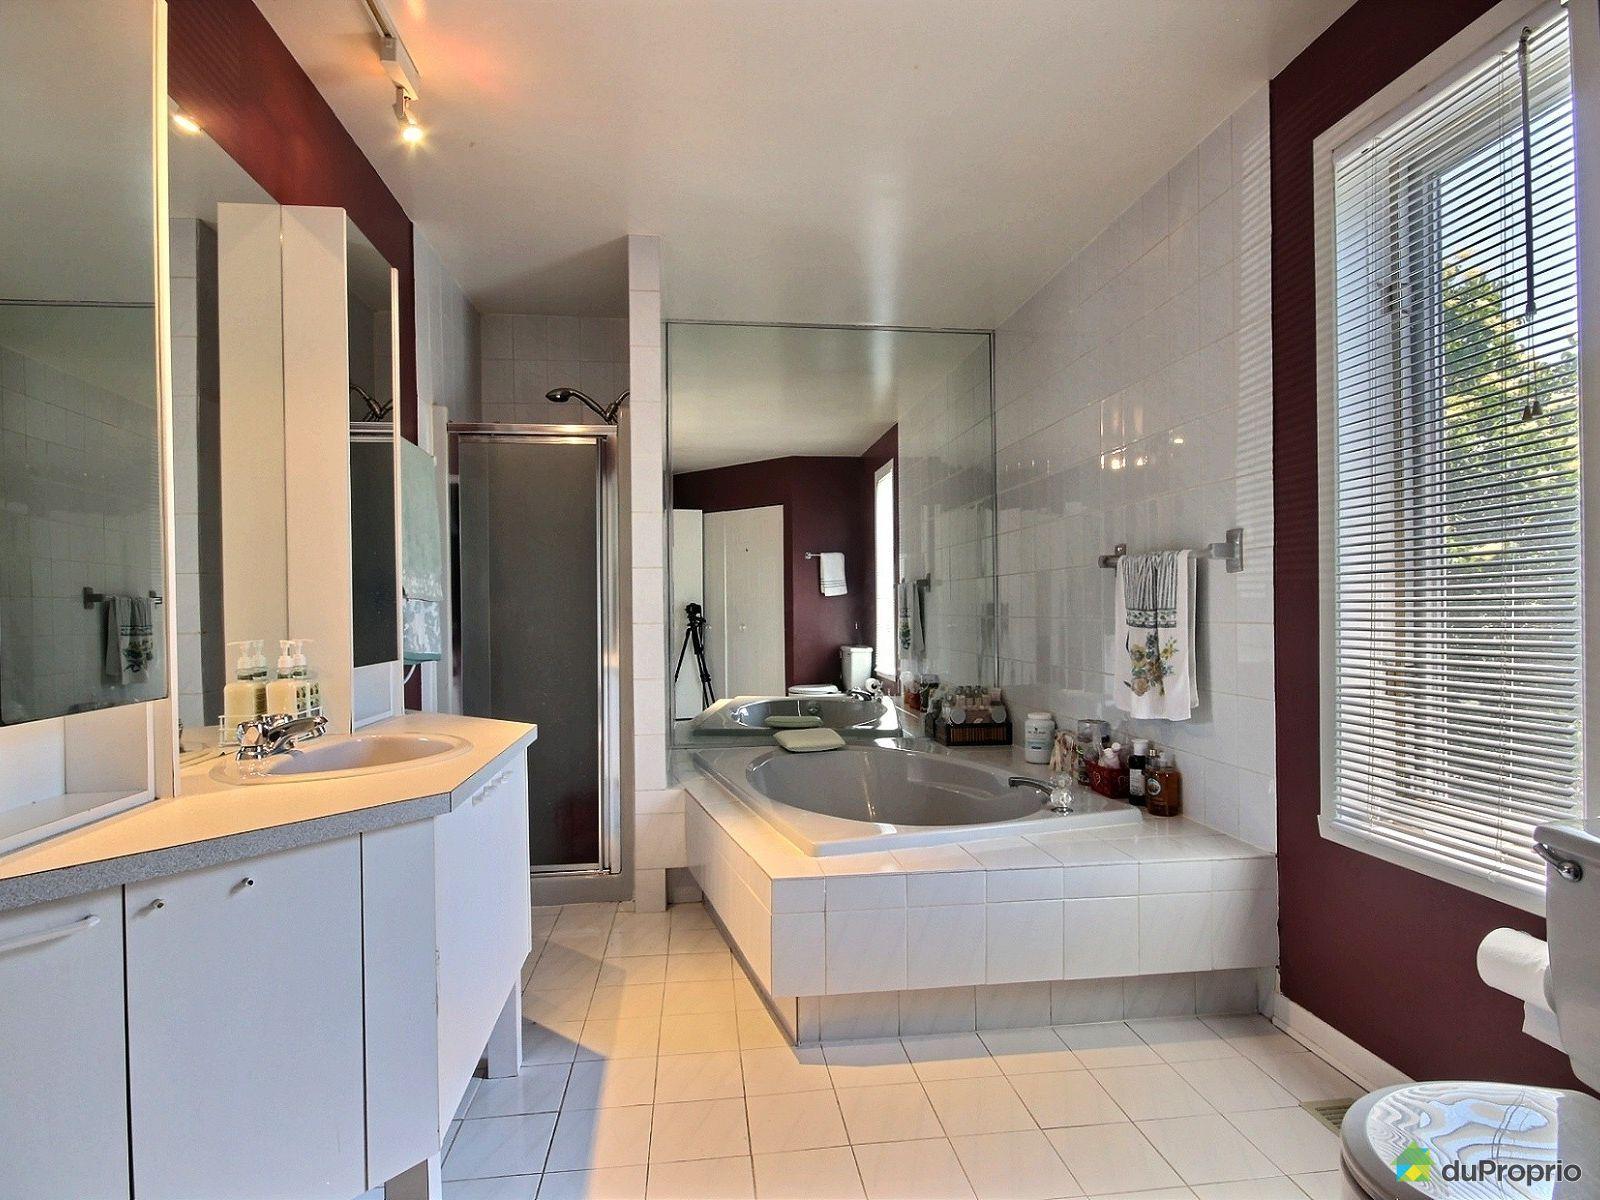 Maison vendre st eustache 223 rue des fr nes for Salle de bain 25 st eustache